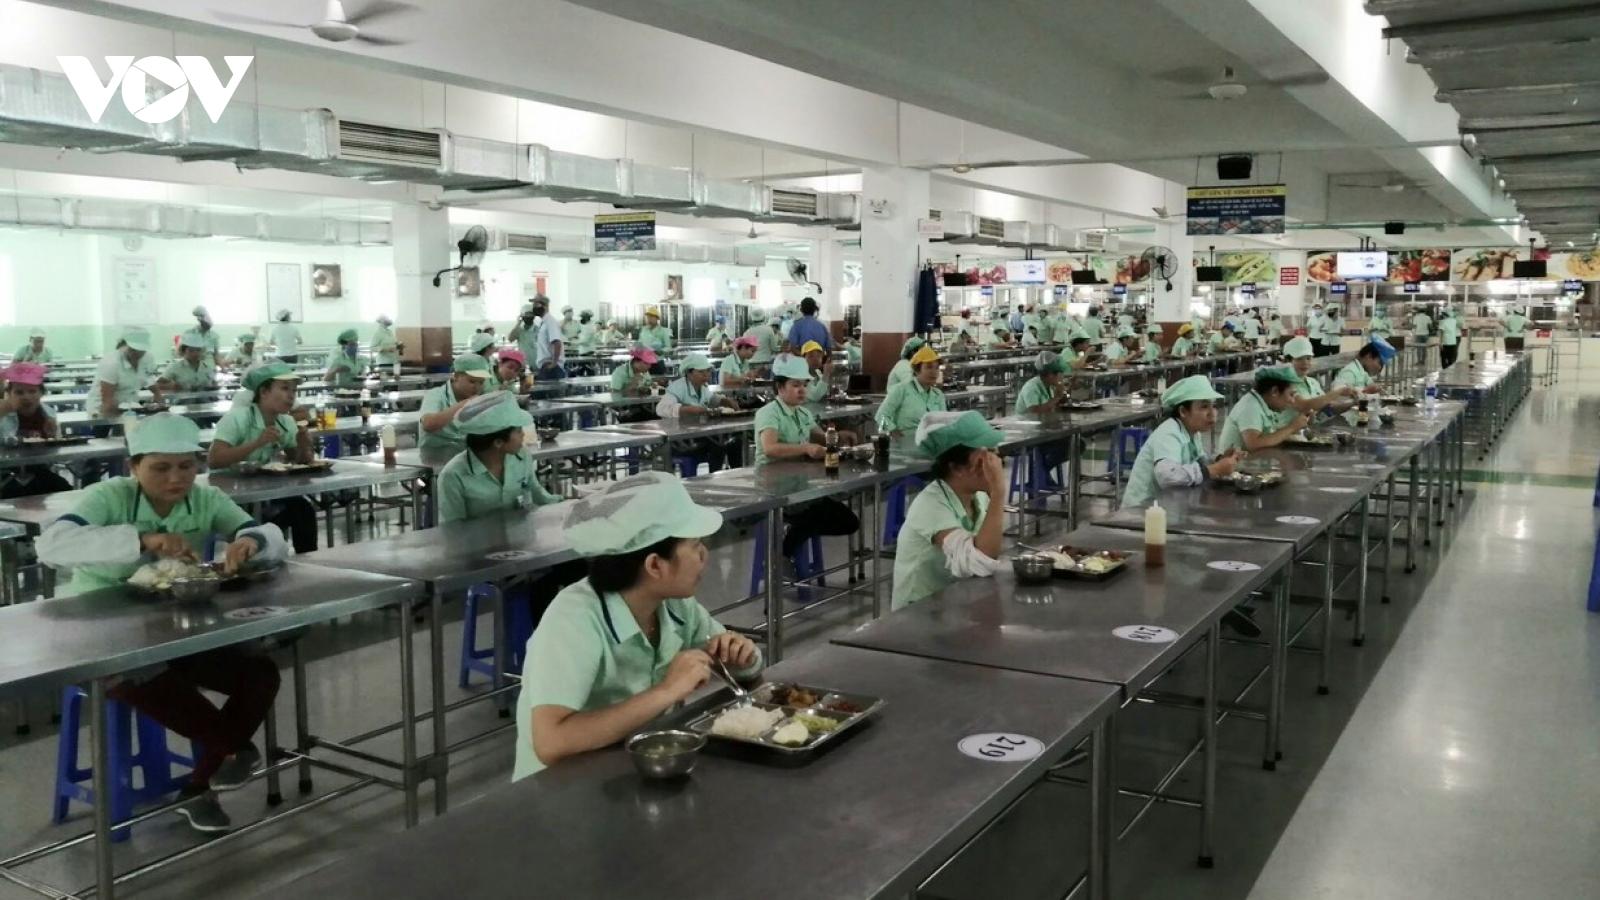 Doanh nghiệp tại Đà Nẵng đảm bảo sản xuất, chủ động ứng phó khi dịch bệnh bùng phát